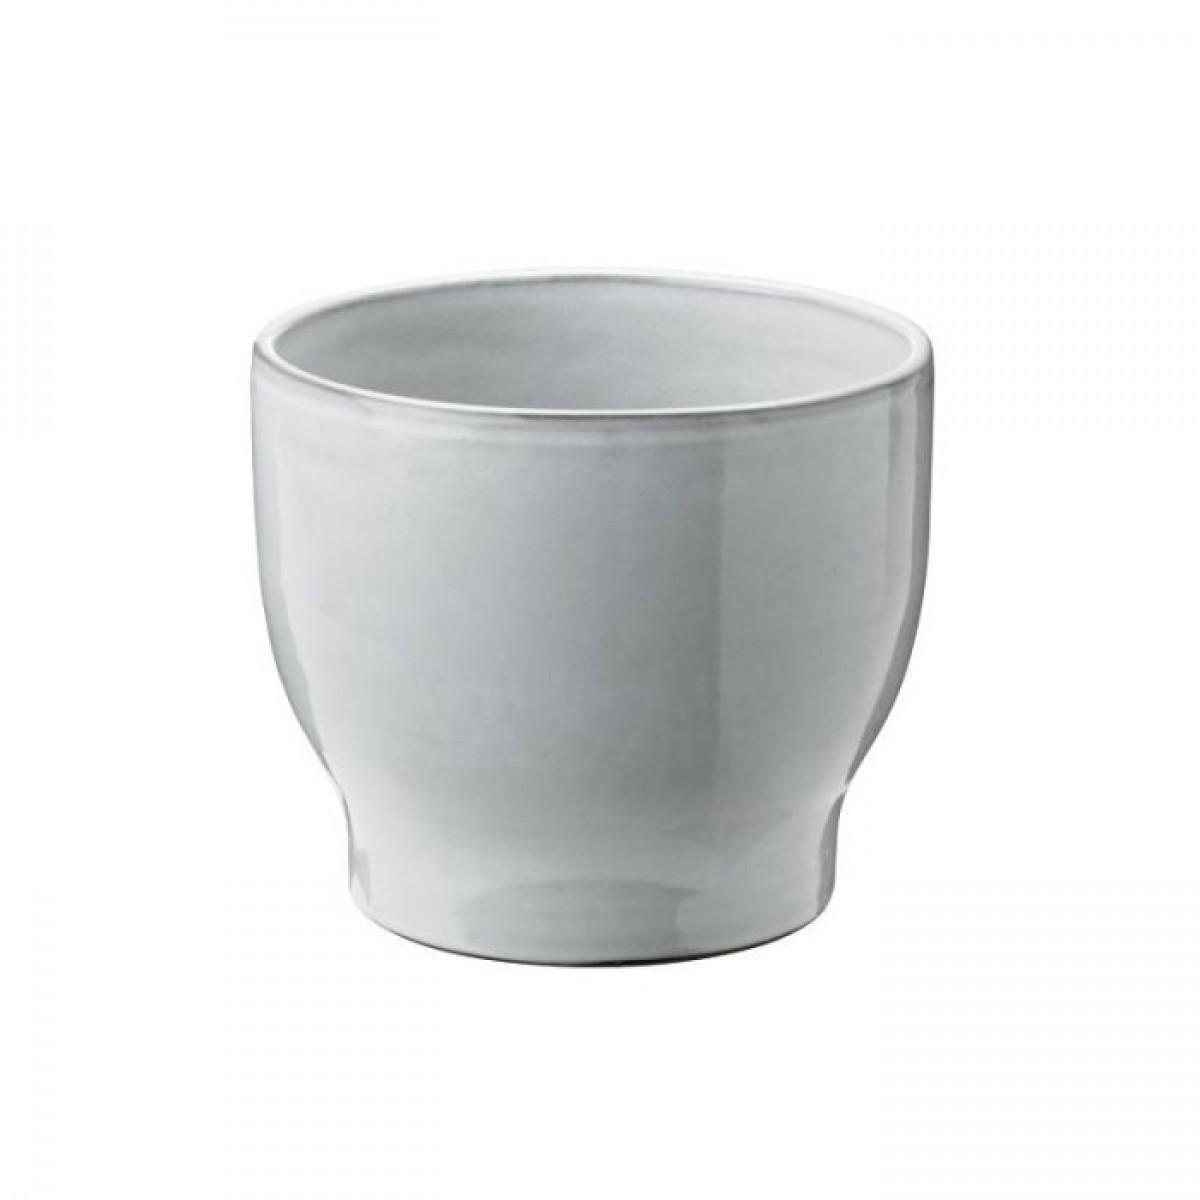 KNABSTRUP Keramik Urtepotteskjuler, hvid, Ø14,5 cm